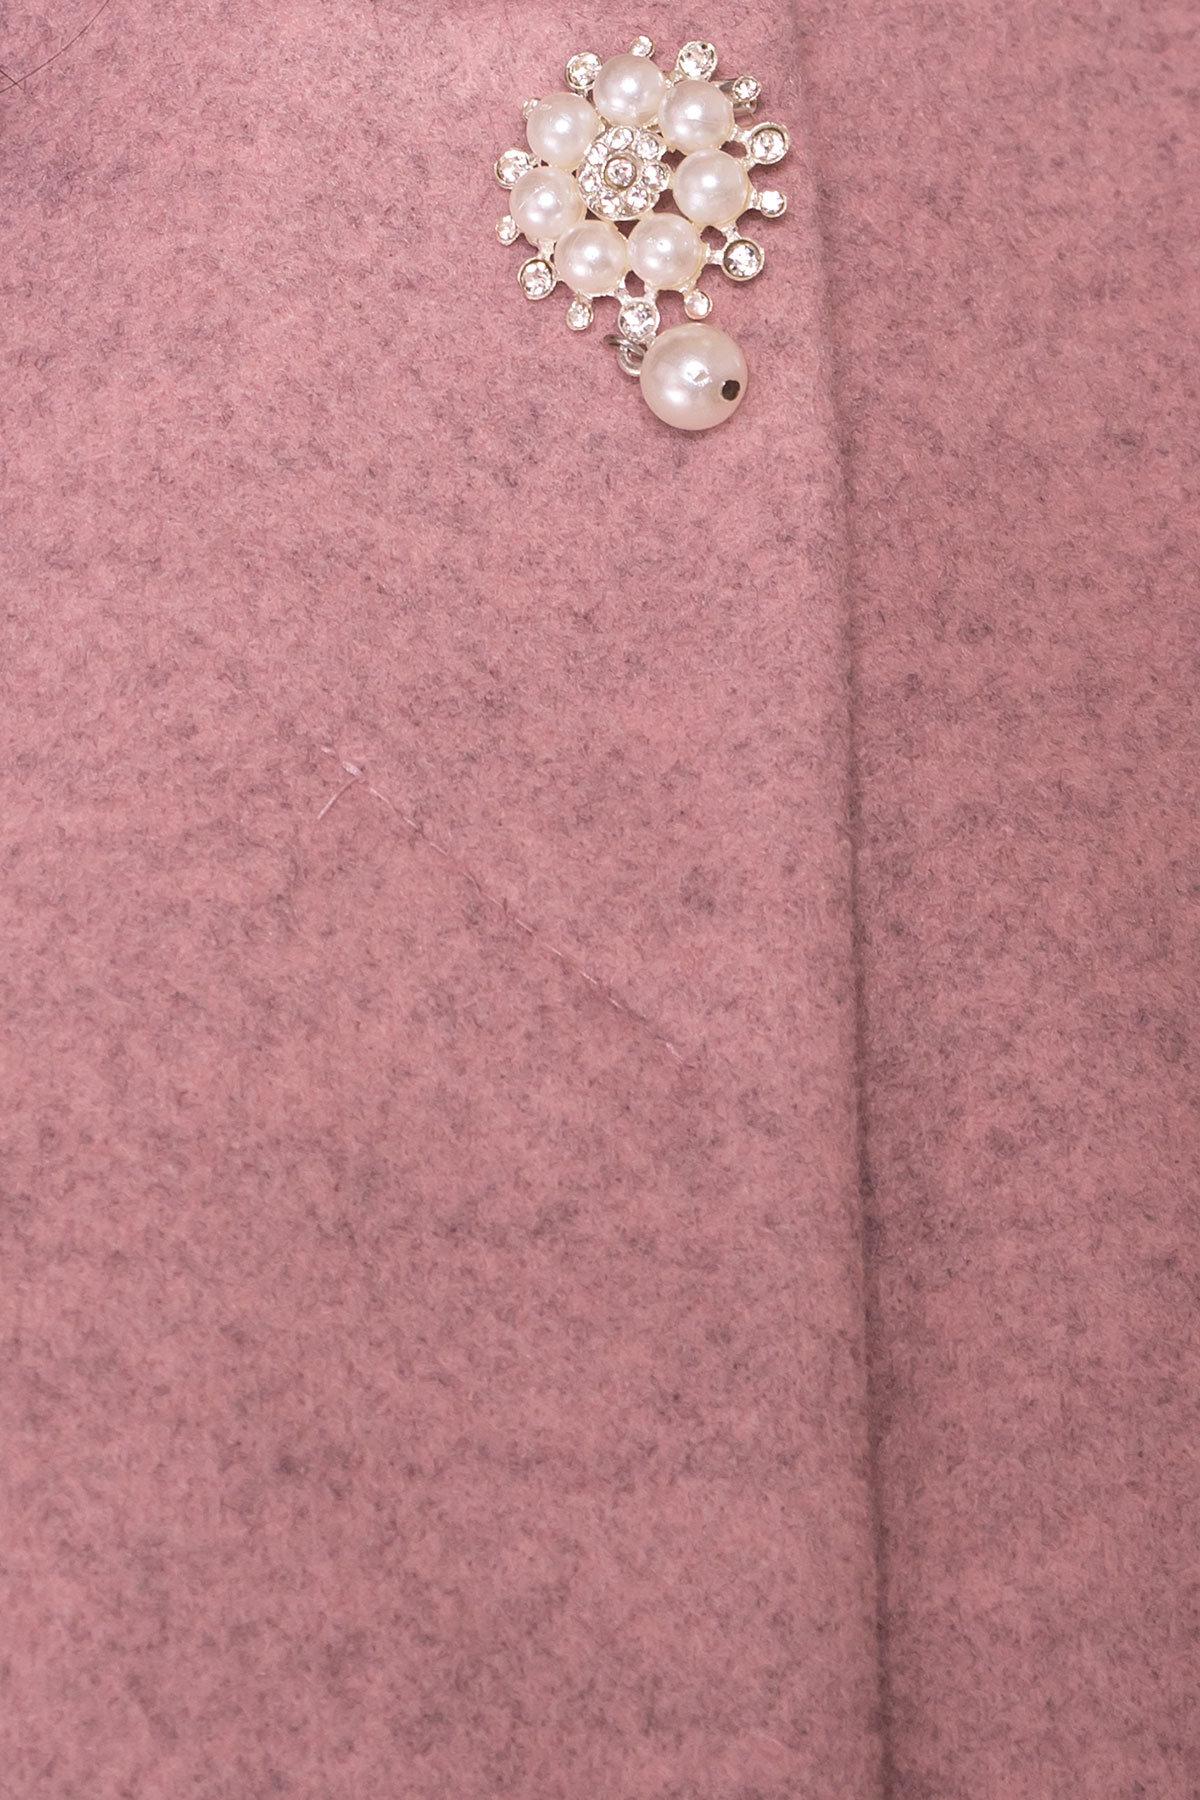 Пальто Латте 5637 АРТ. 41008 Цвет: Серо-розовый 7 - фото 5, интернет магазин tm-modus.ru